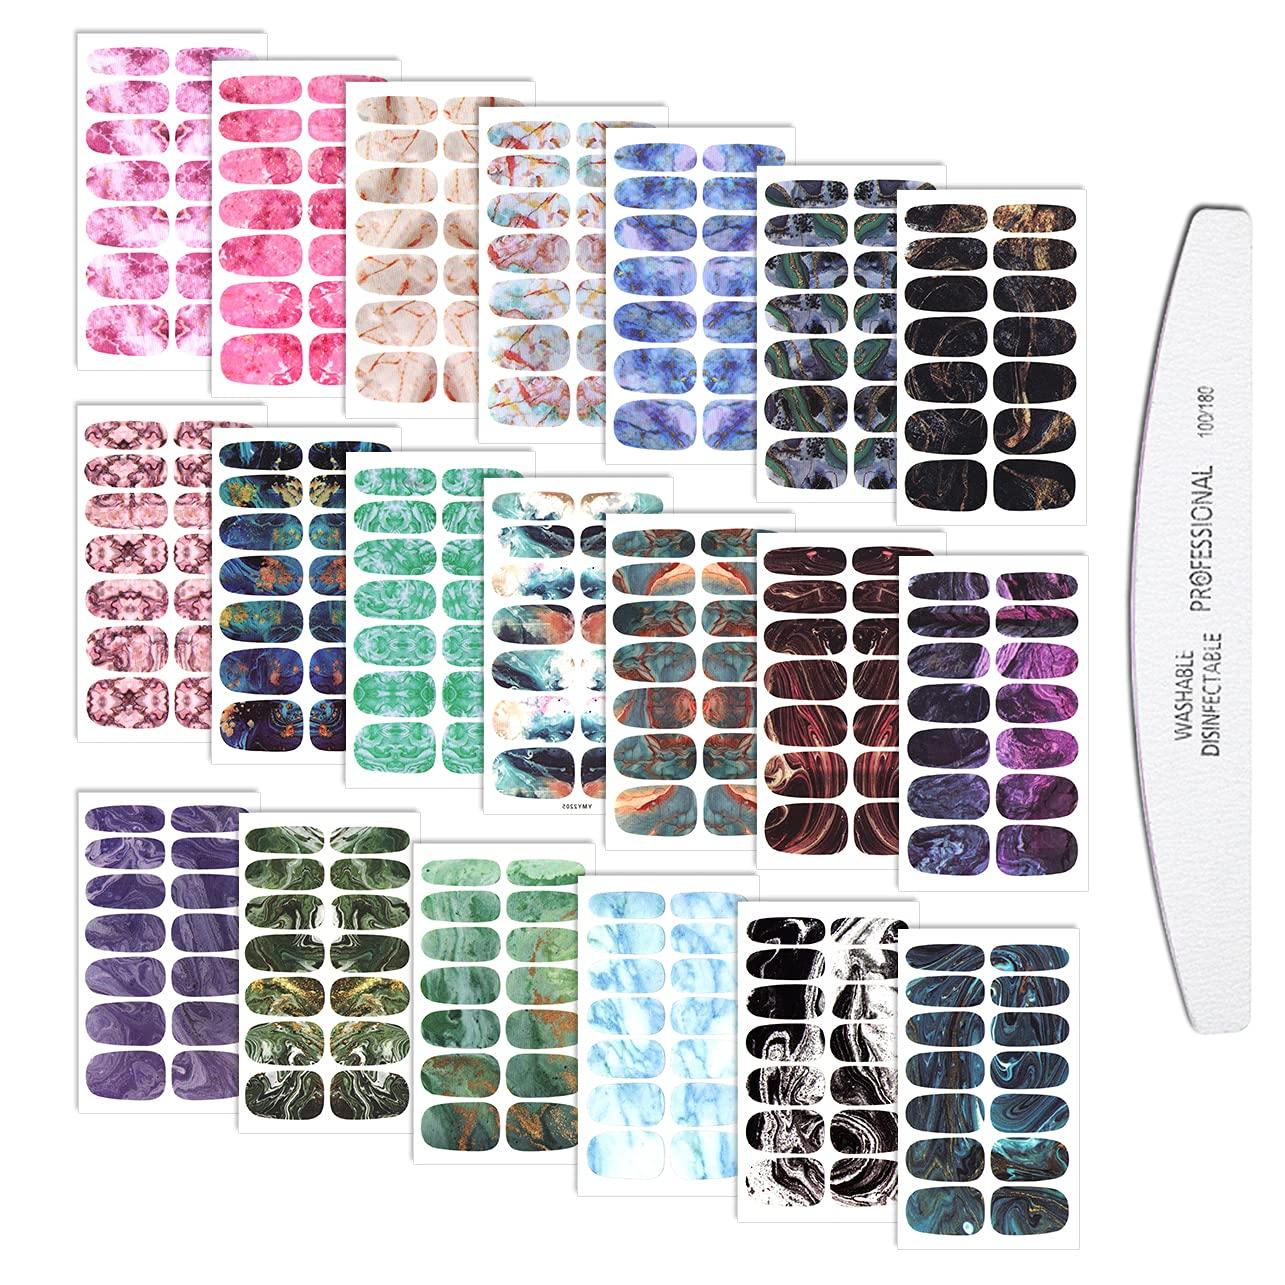 WOKOTO 280 Tips 20 Cheap Sheets Marbled Strips Polish With Ranking TOP19 1 Set Nail